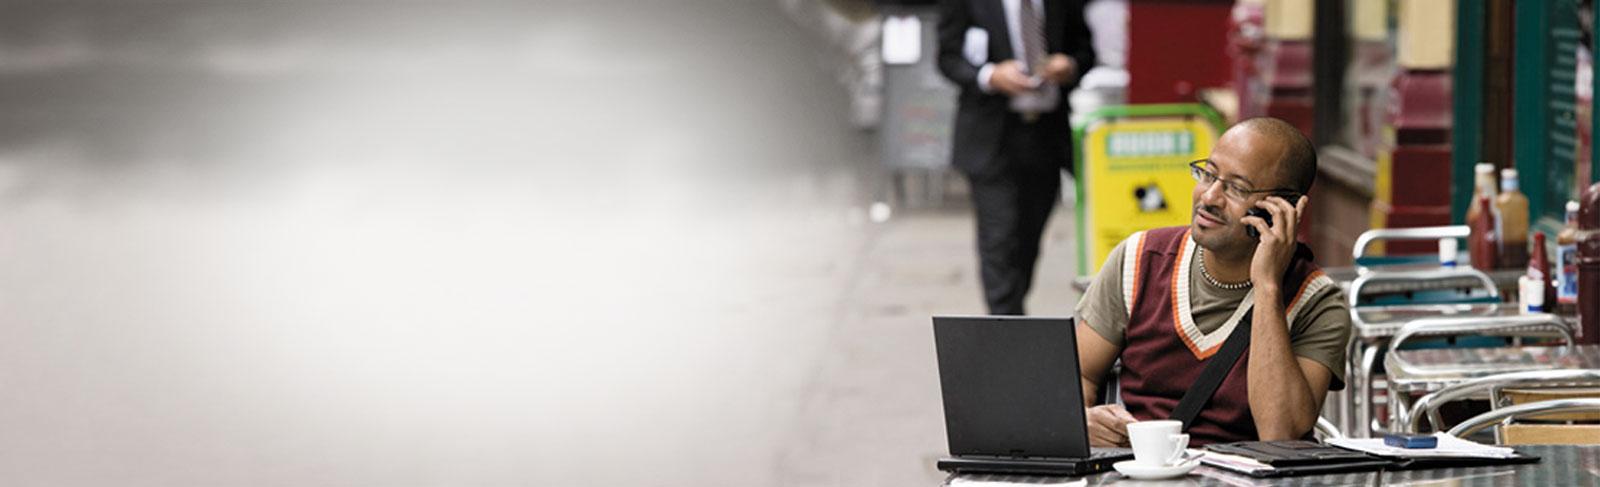 Um homem com um telefone e um laptop em um café, usando um email comercial via Exchange Server 2013.